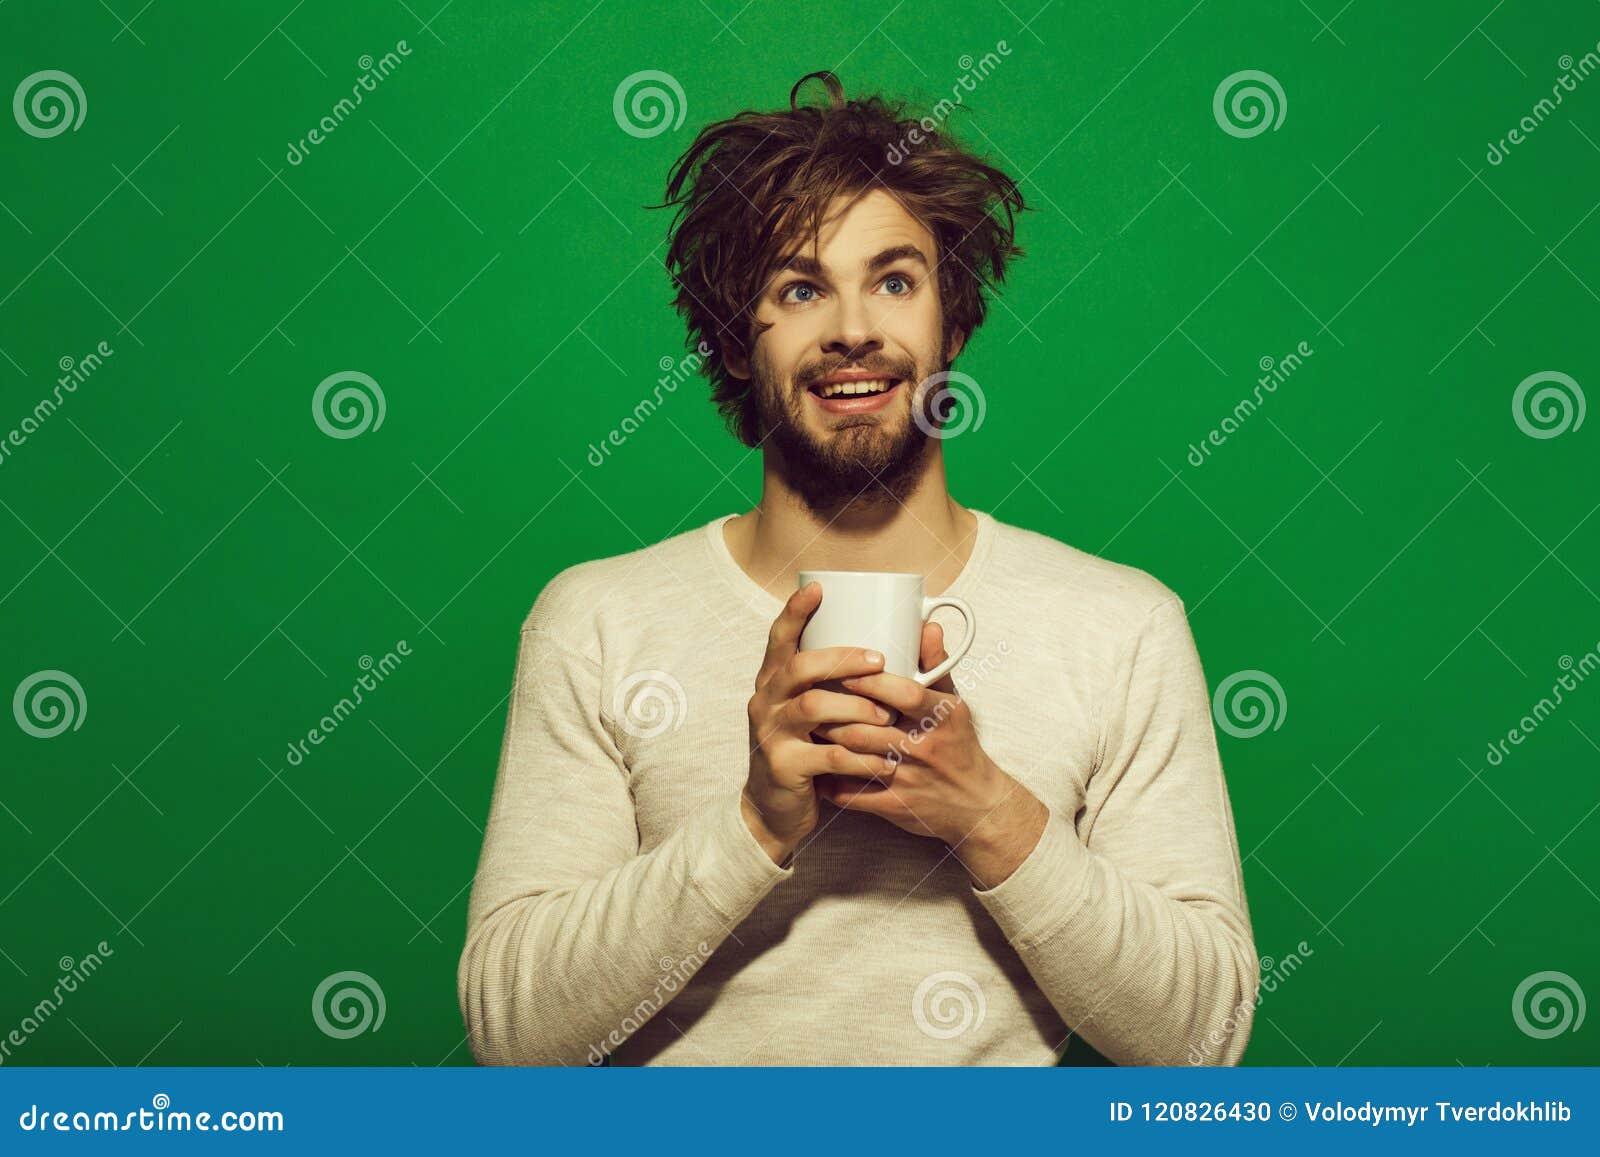 фантазер счастливый человек с чашкой чаю или кофе